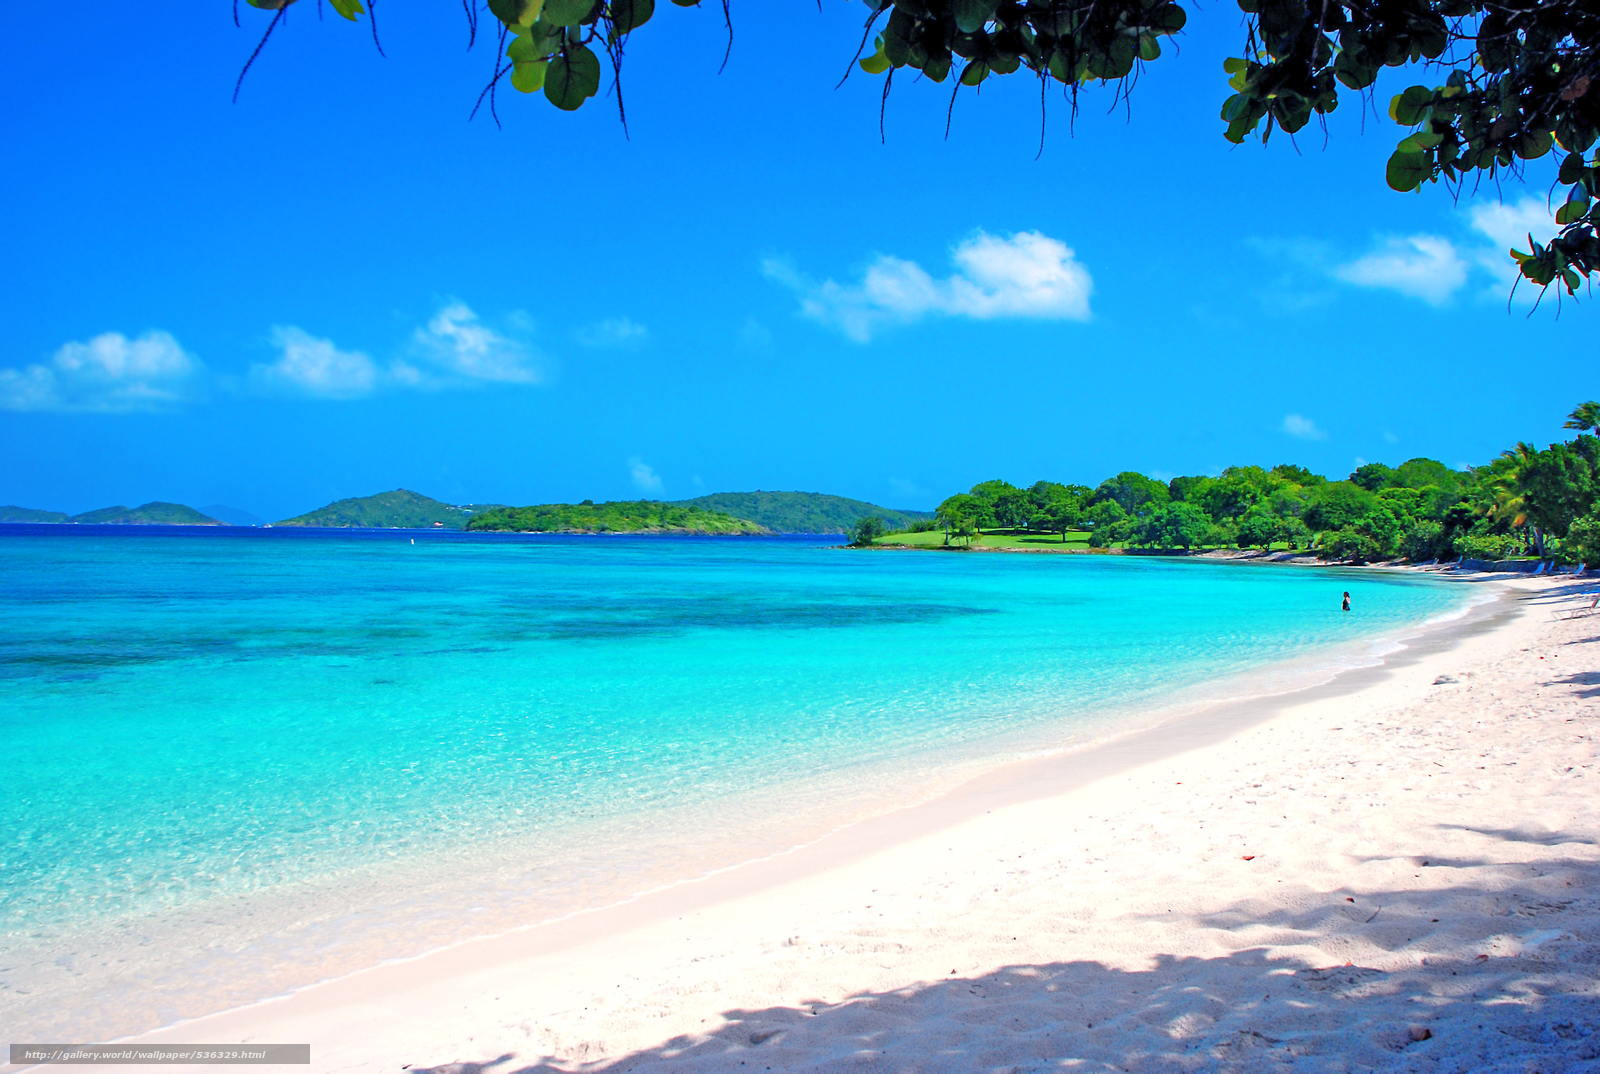 красивые пляжи обои на рабочий стол № 1104553 загрузить